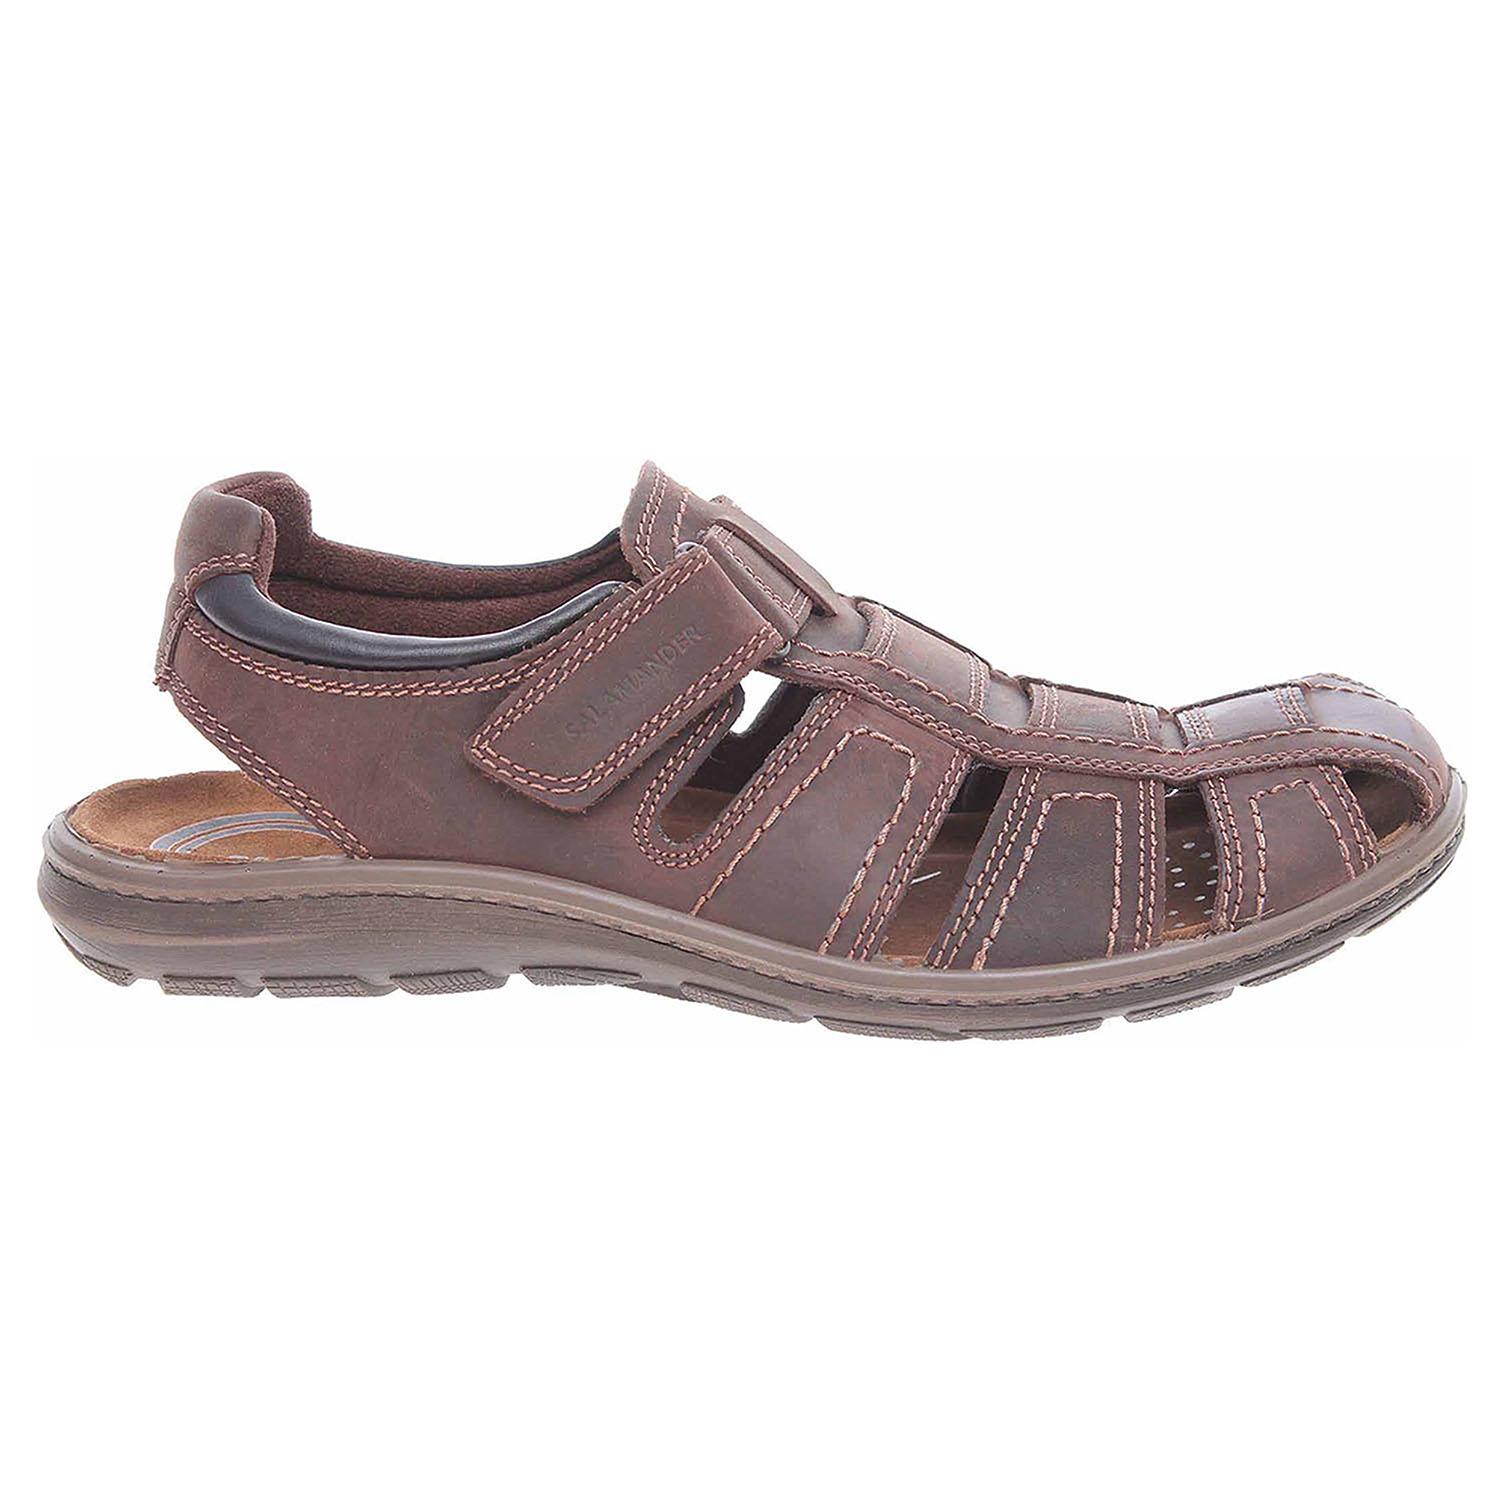 Ecco Salamander pánské sandály 31-65406-14 tdm 24700257 6013283cfbc